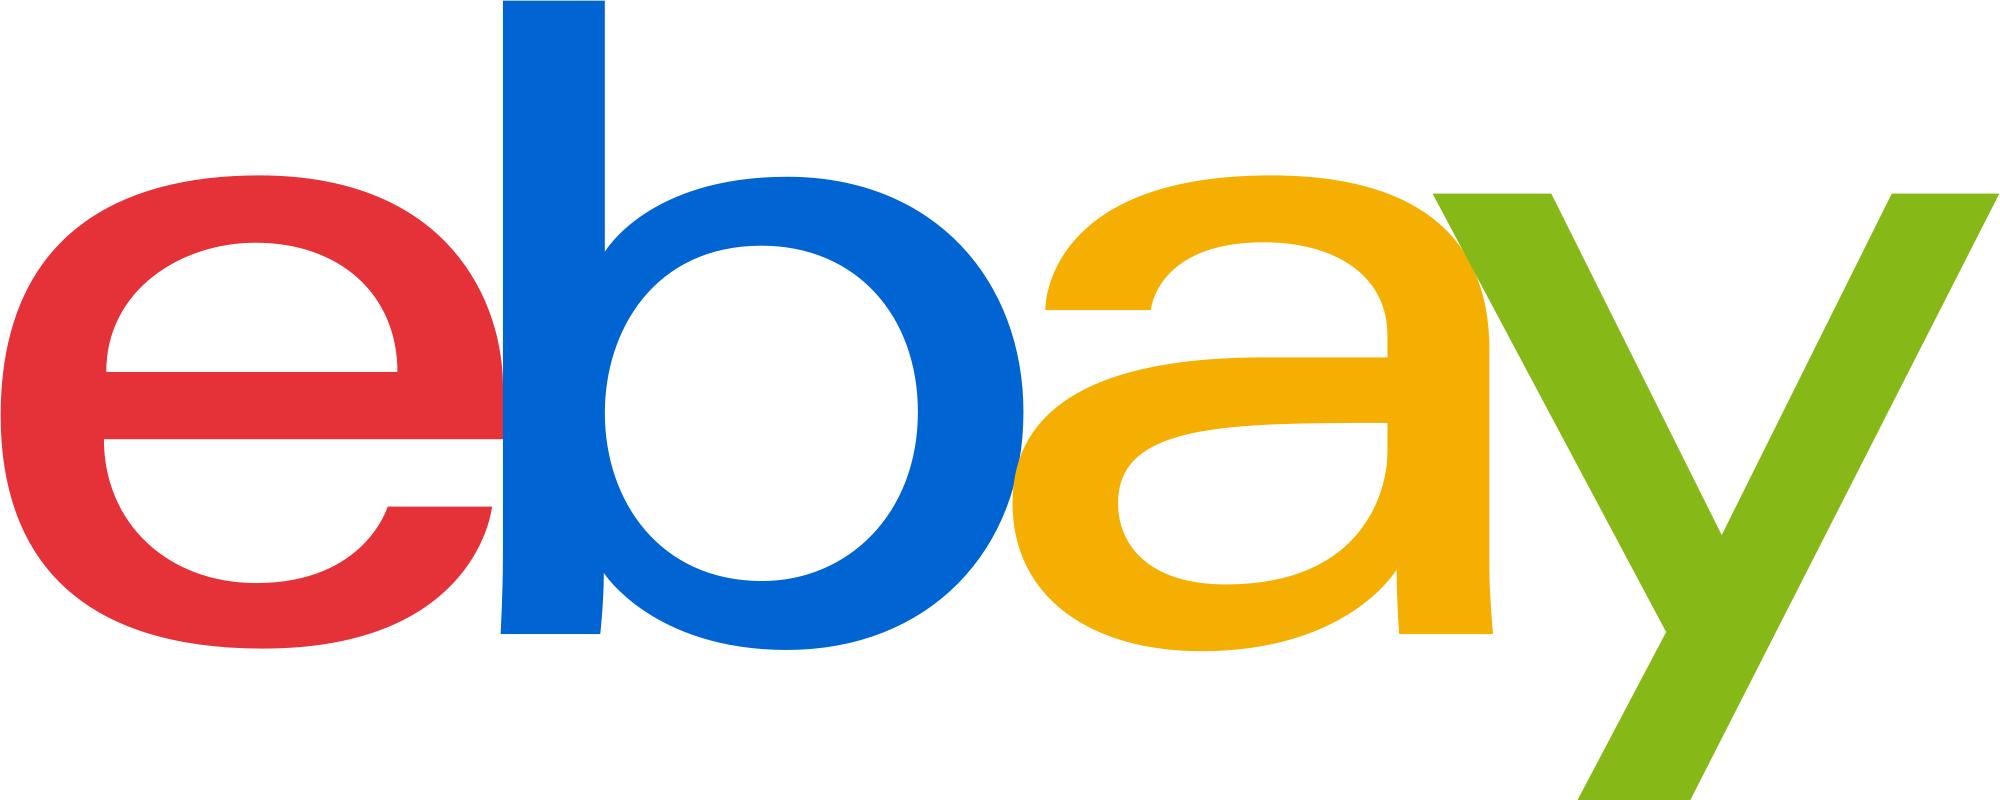 [eBay] Maximal 9,99 Euro Verkaufsprovision für alle privaten Verkäufer